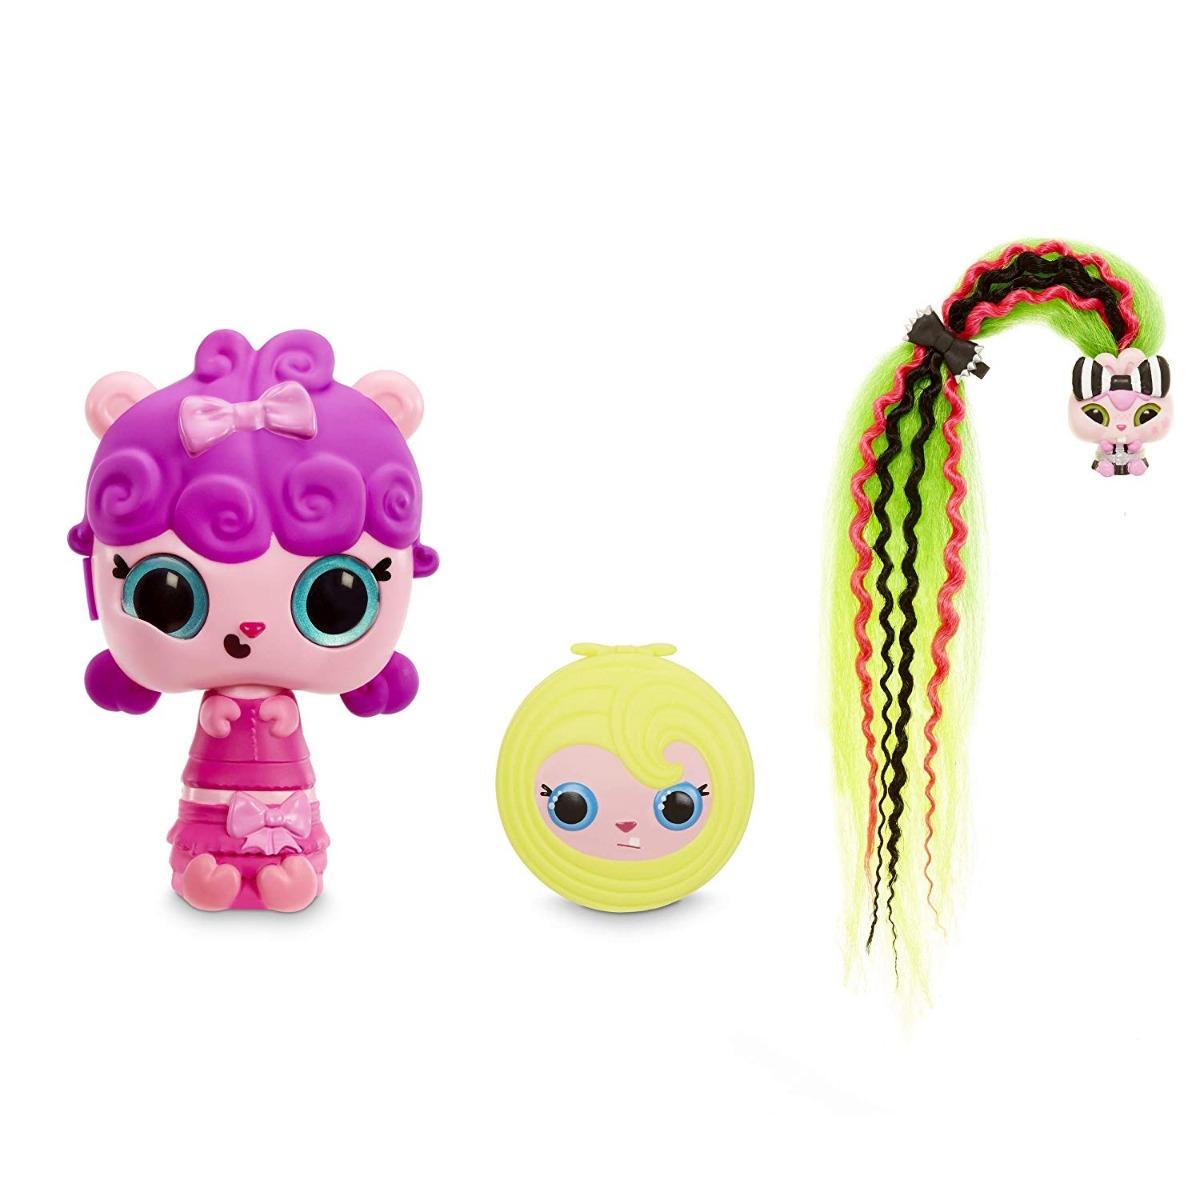 Figurina Surpriza Pop Pop Hair Surprise